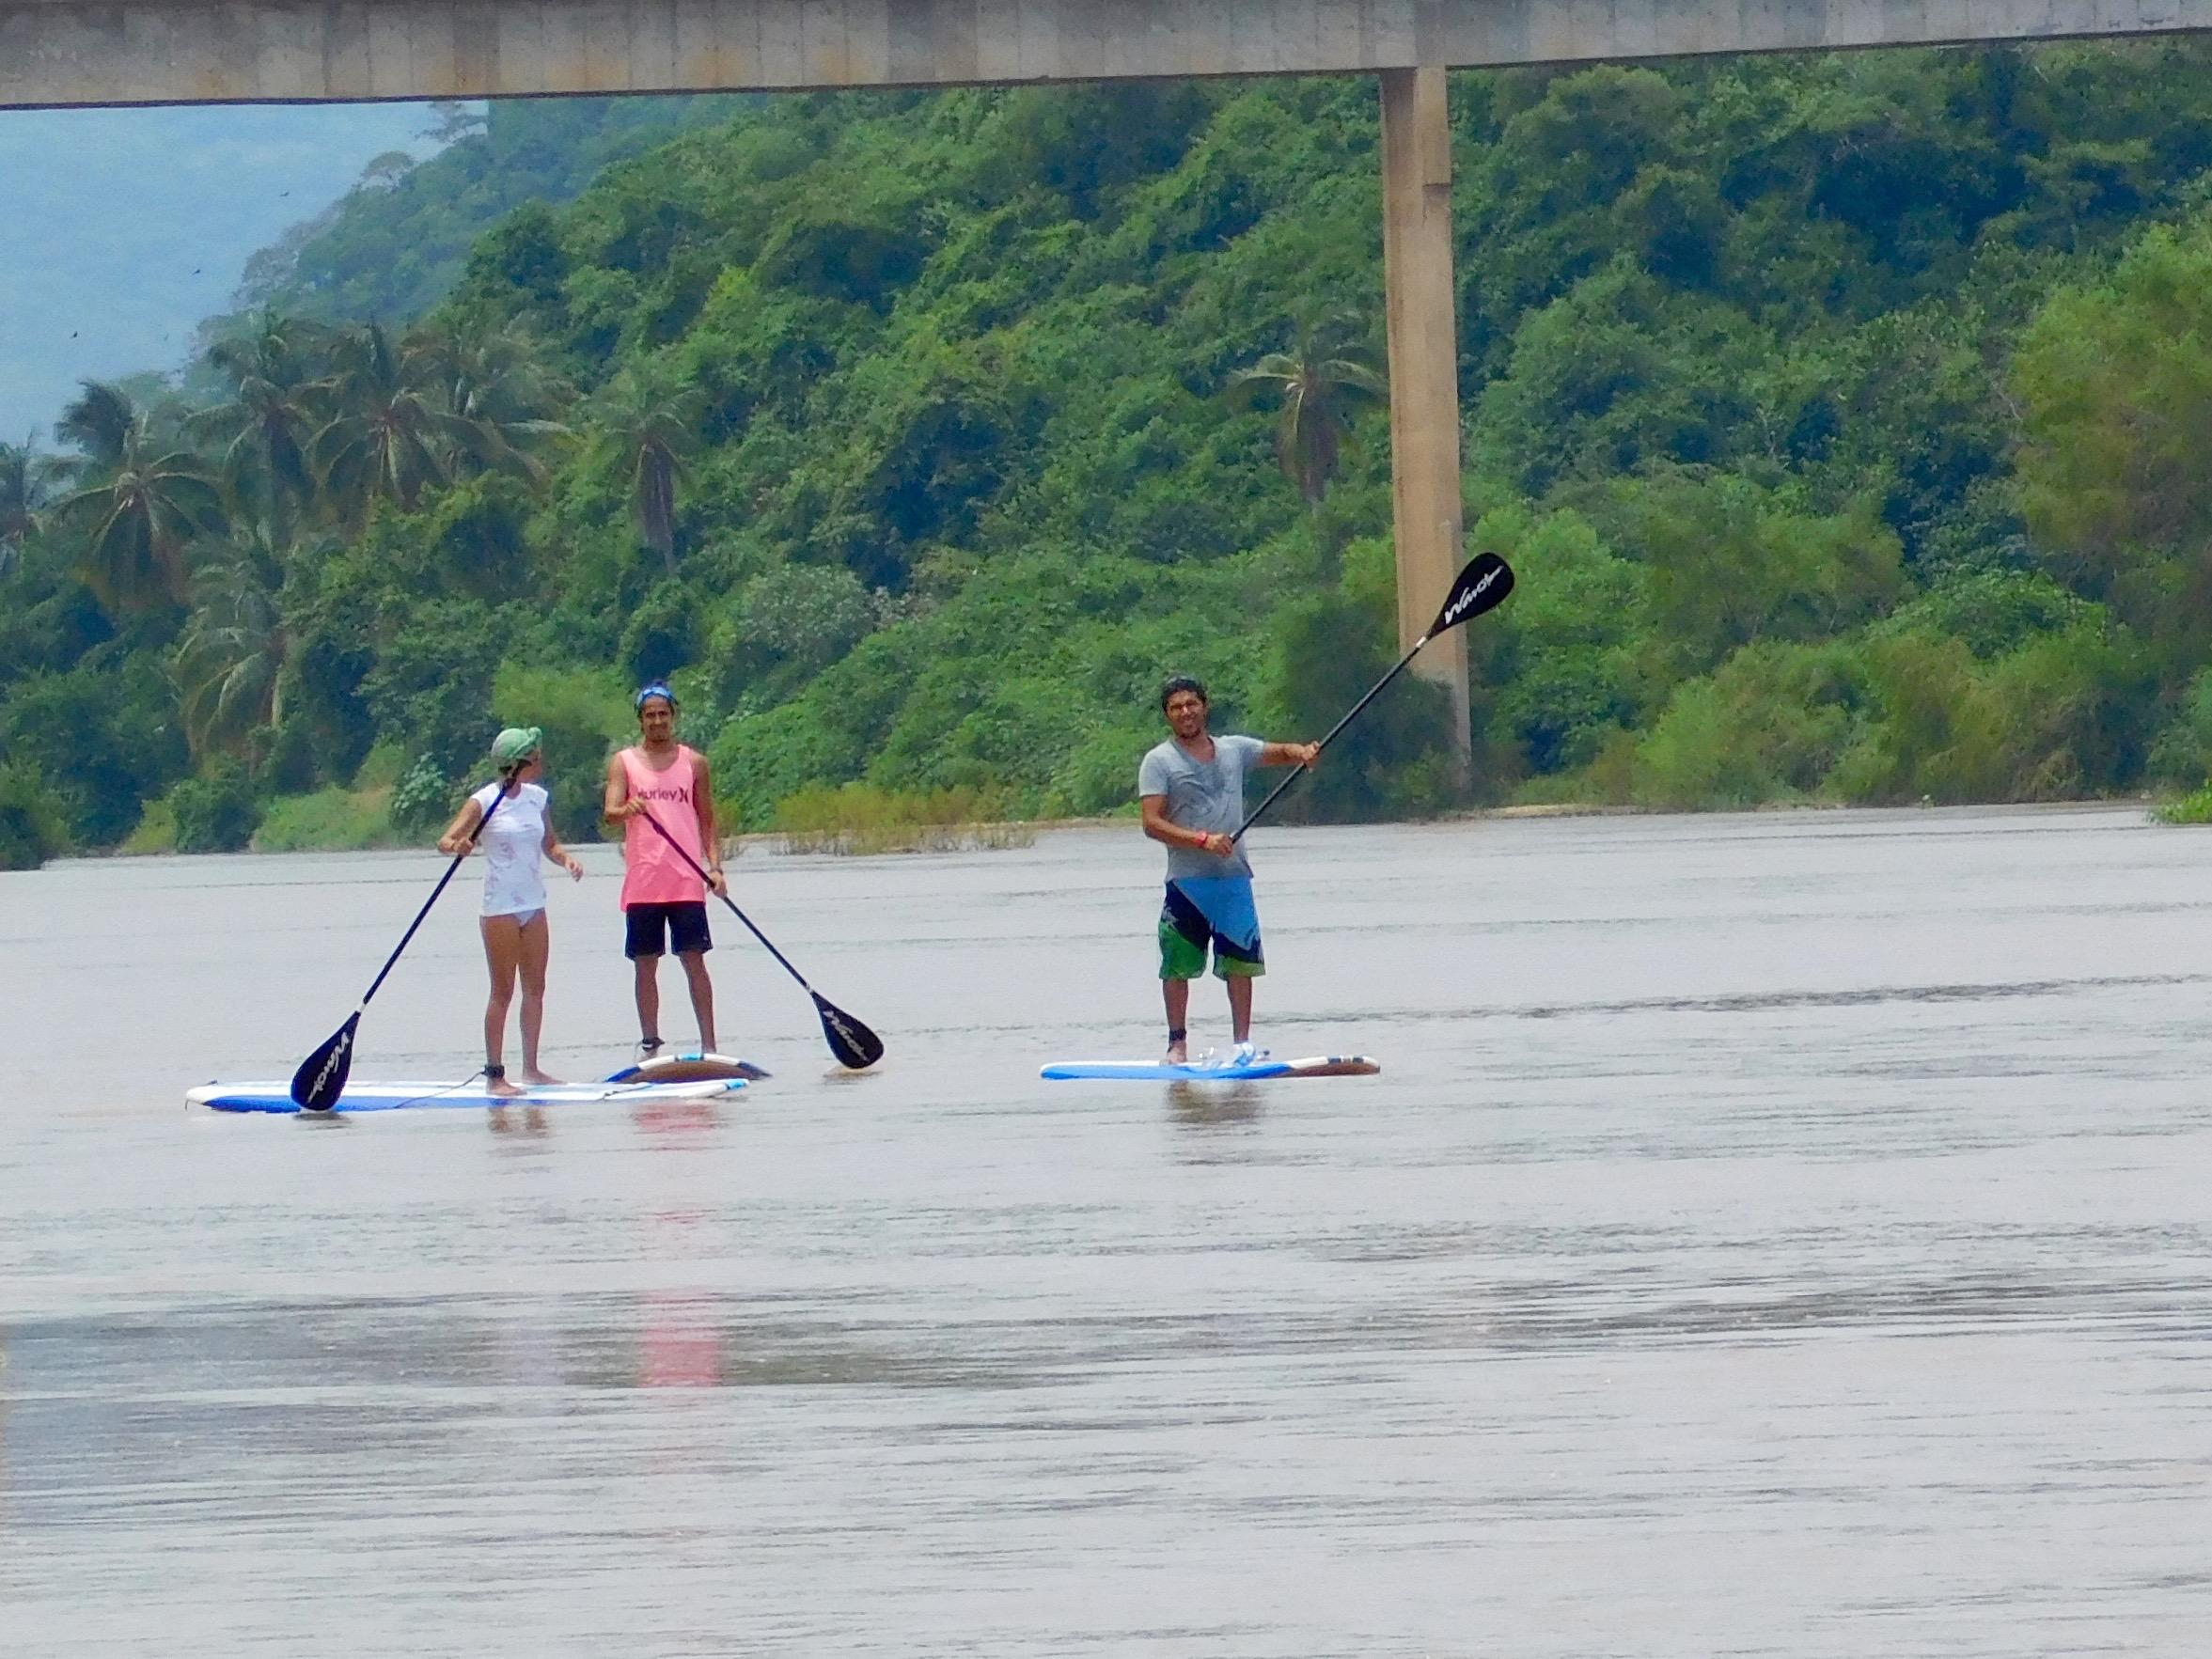 River SUP Tour in Puerto Escondido Oaxaca Mexico